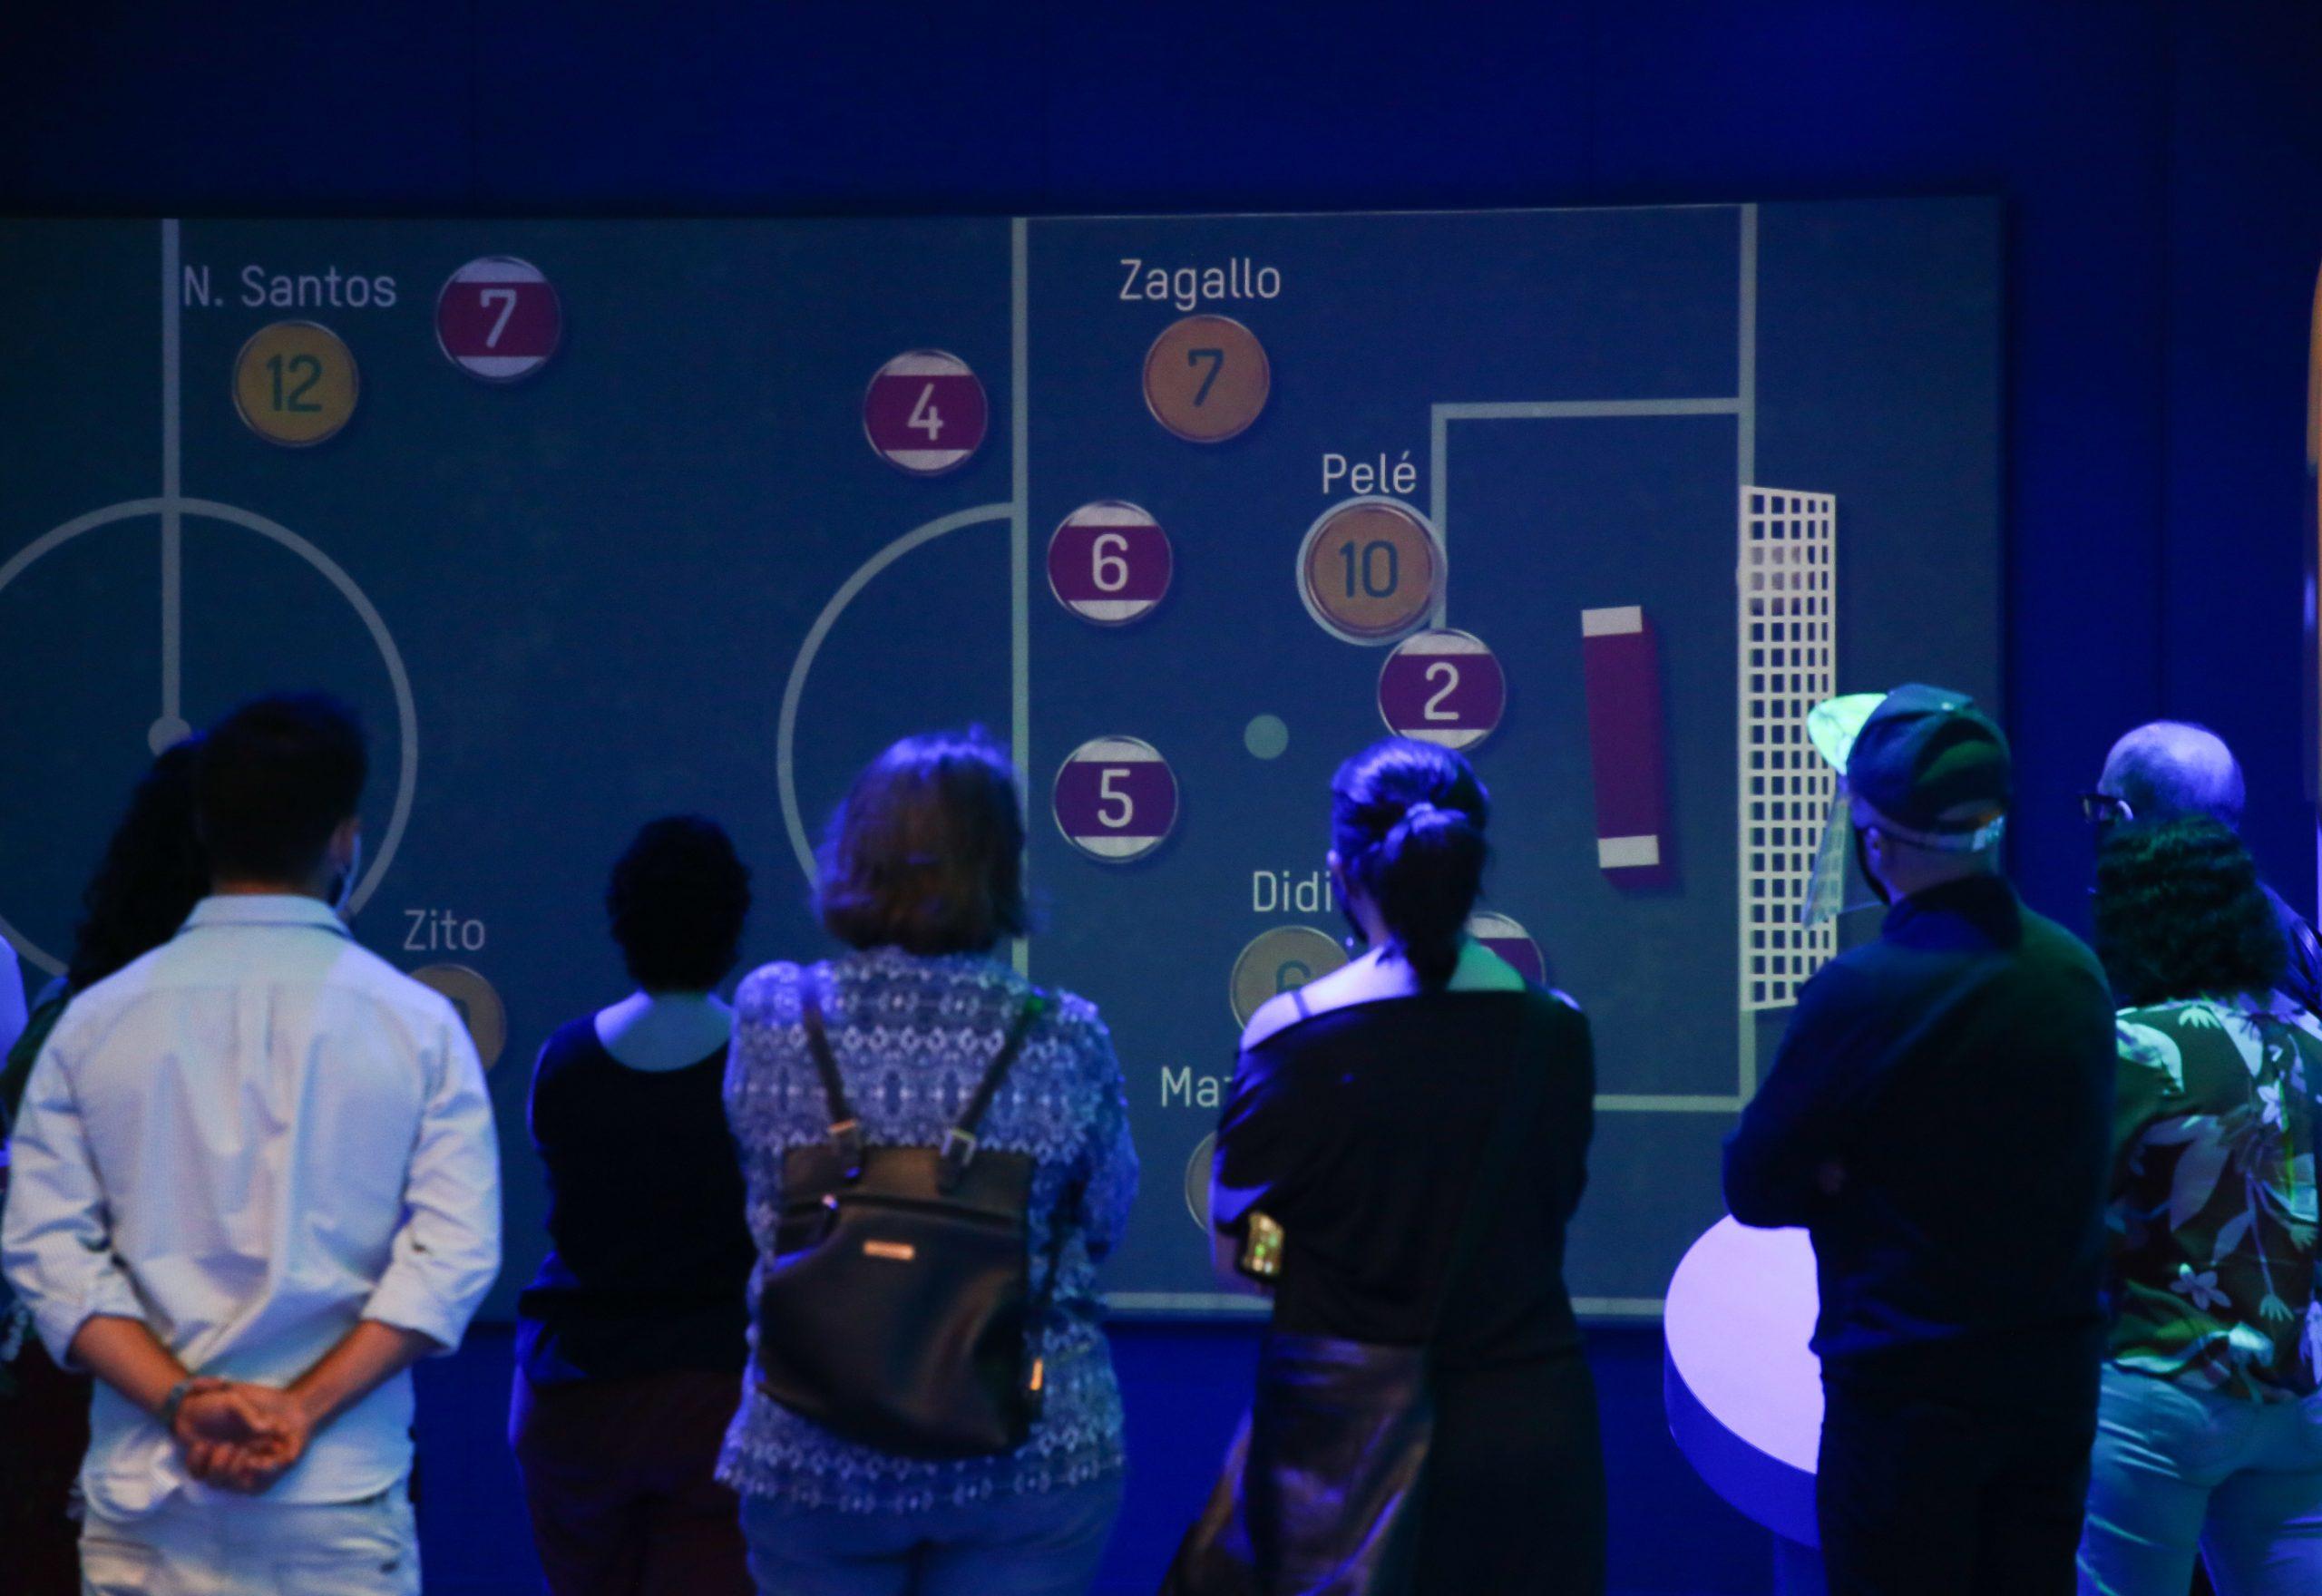 Pessoas de costas assistem numa tela um vídeo com um jogo de botão.